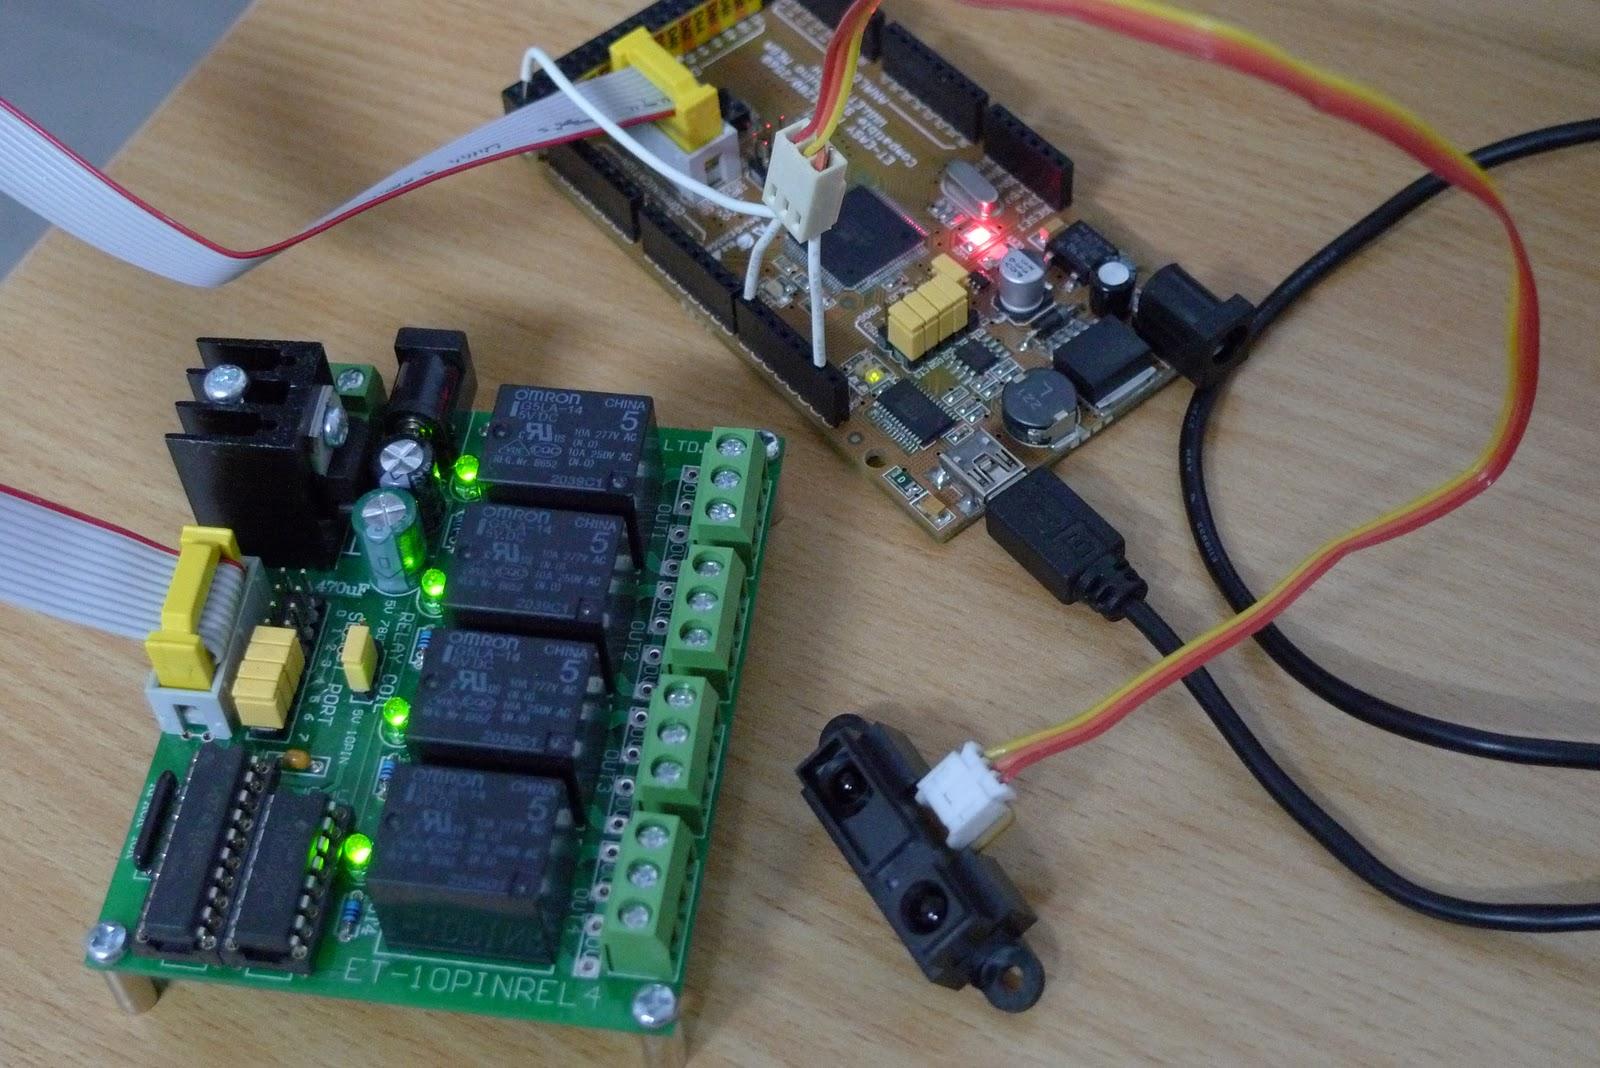 i void warranties: Arduino relays